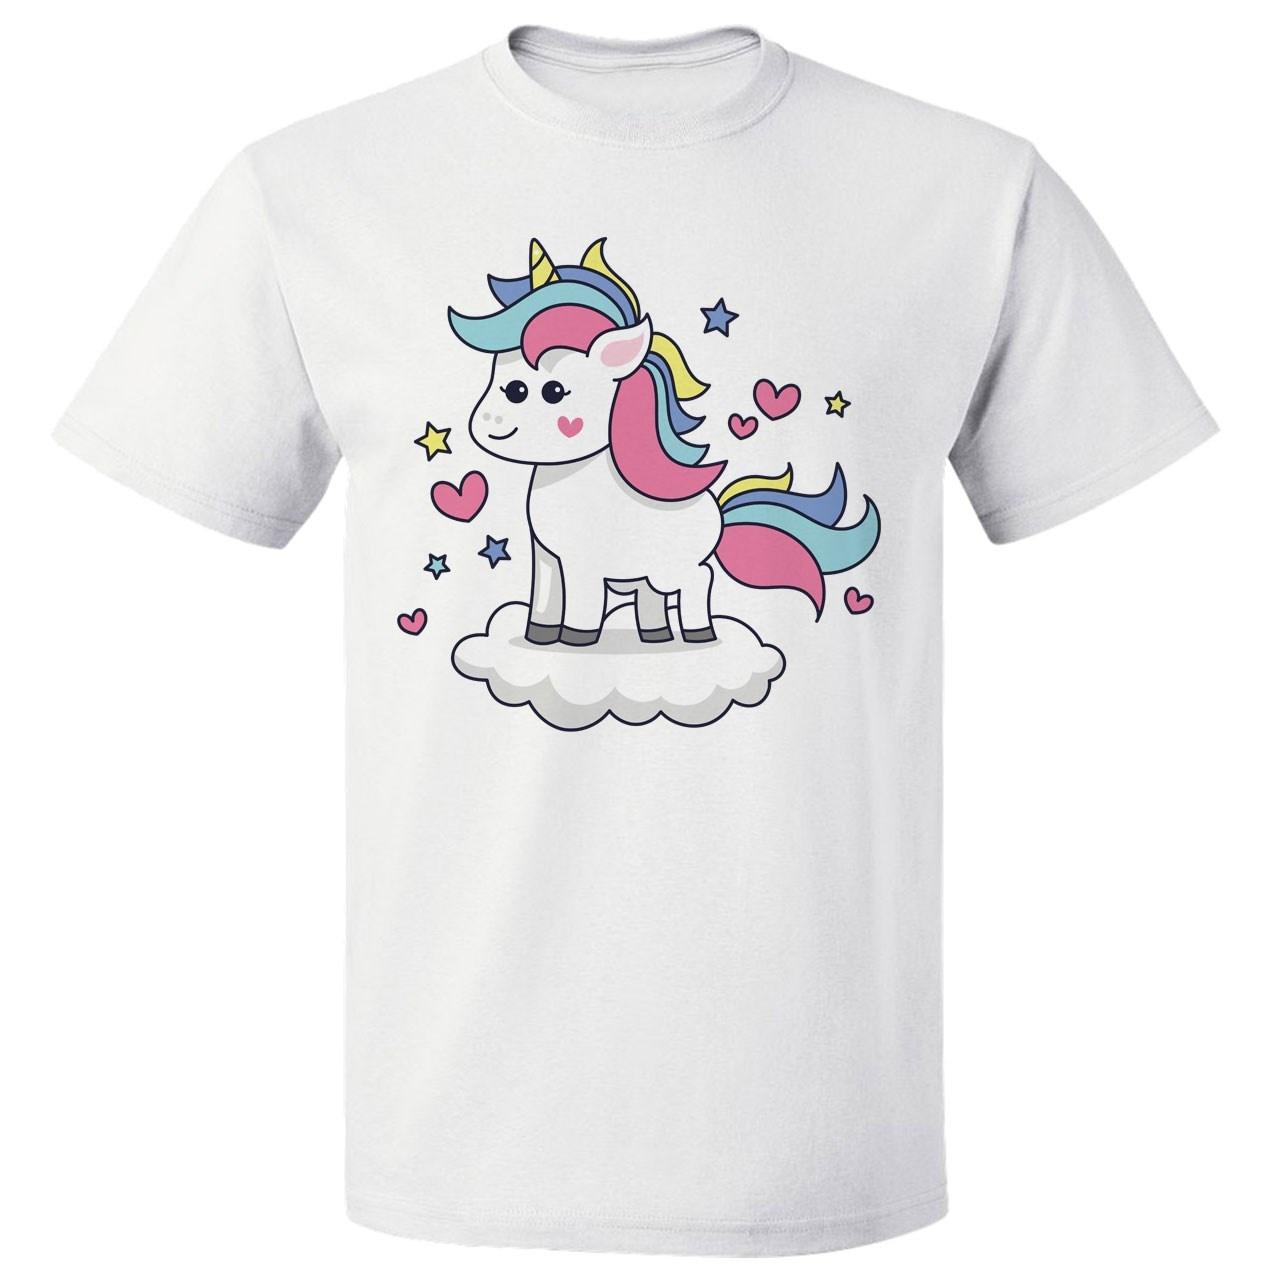 تی شرت پارس طرح  کارتونی اسب تک شاخ کد 7144